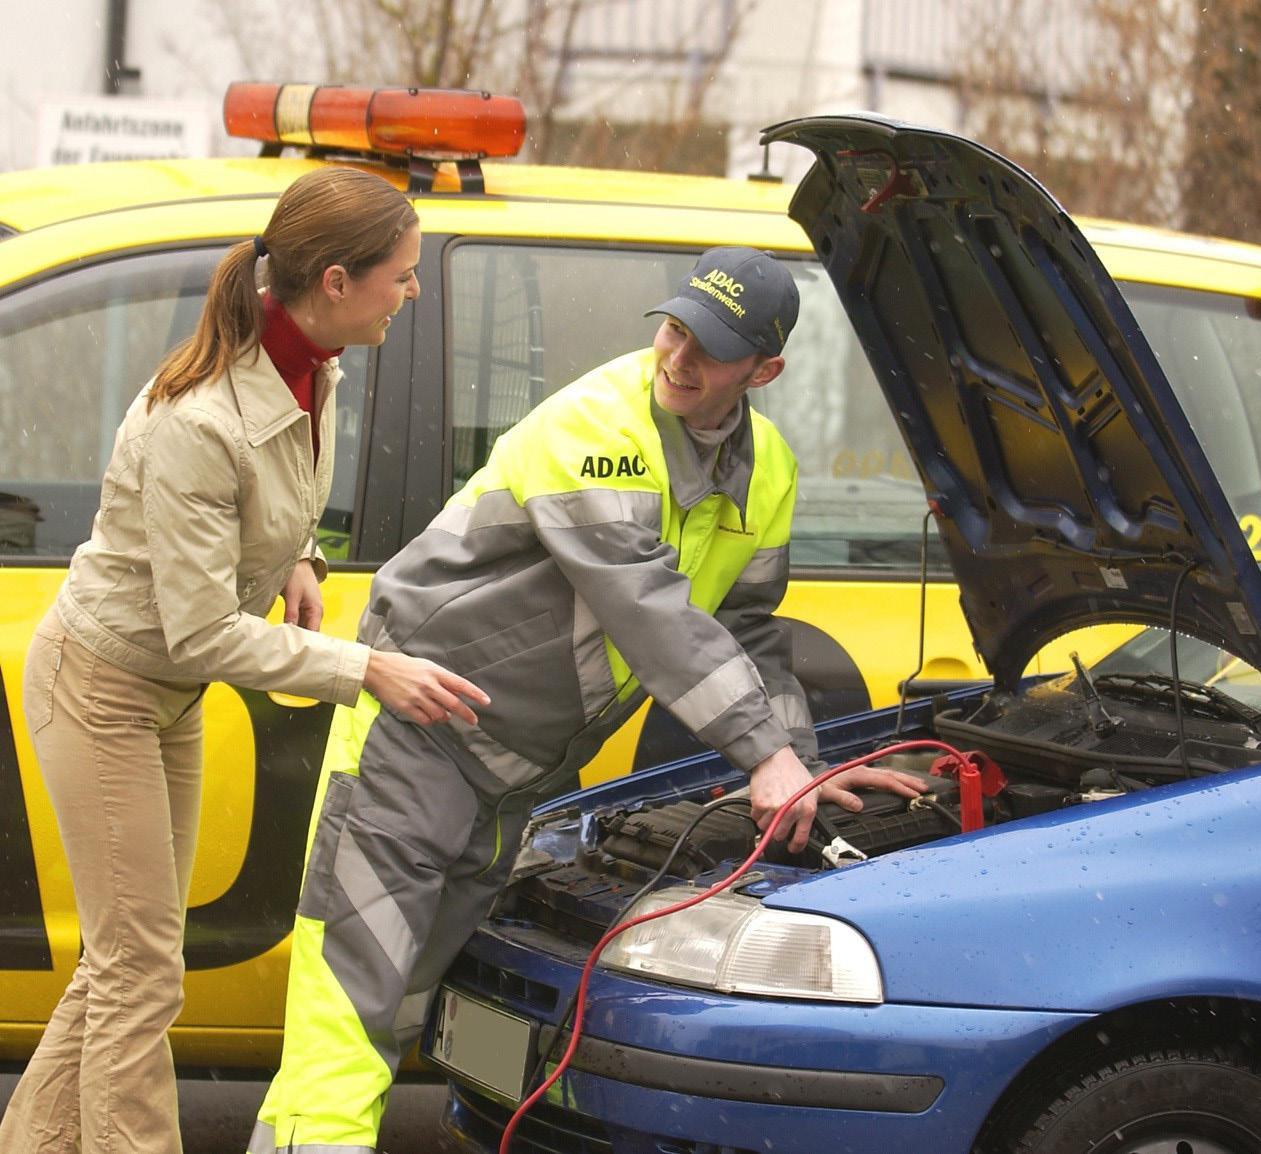 Laut Adac Pannenstatistik führten Probleme mit Batterie und Elektronik im vergangenen Jahr am häufigsten zu Fahrzeugpannen. Foto: adac